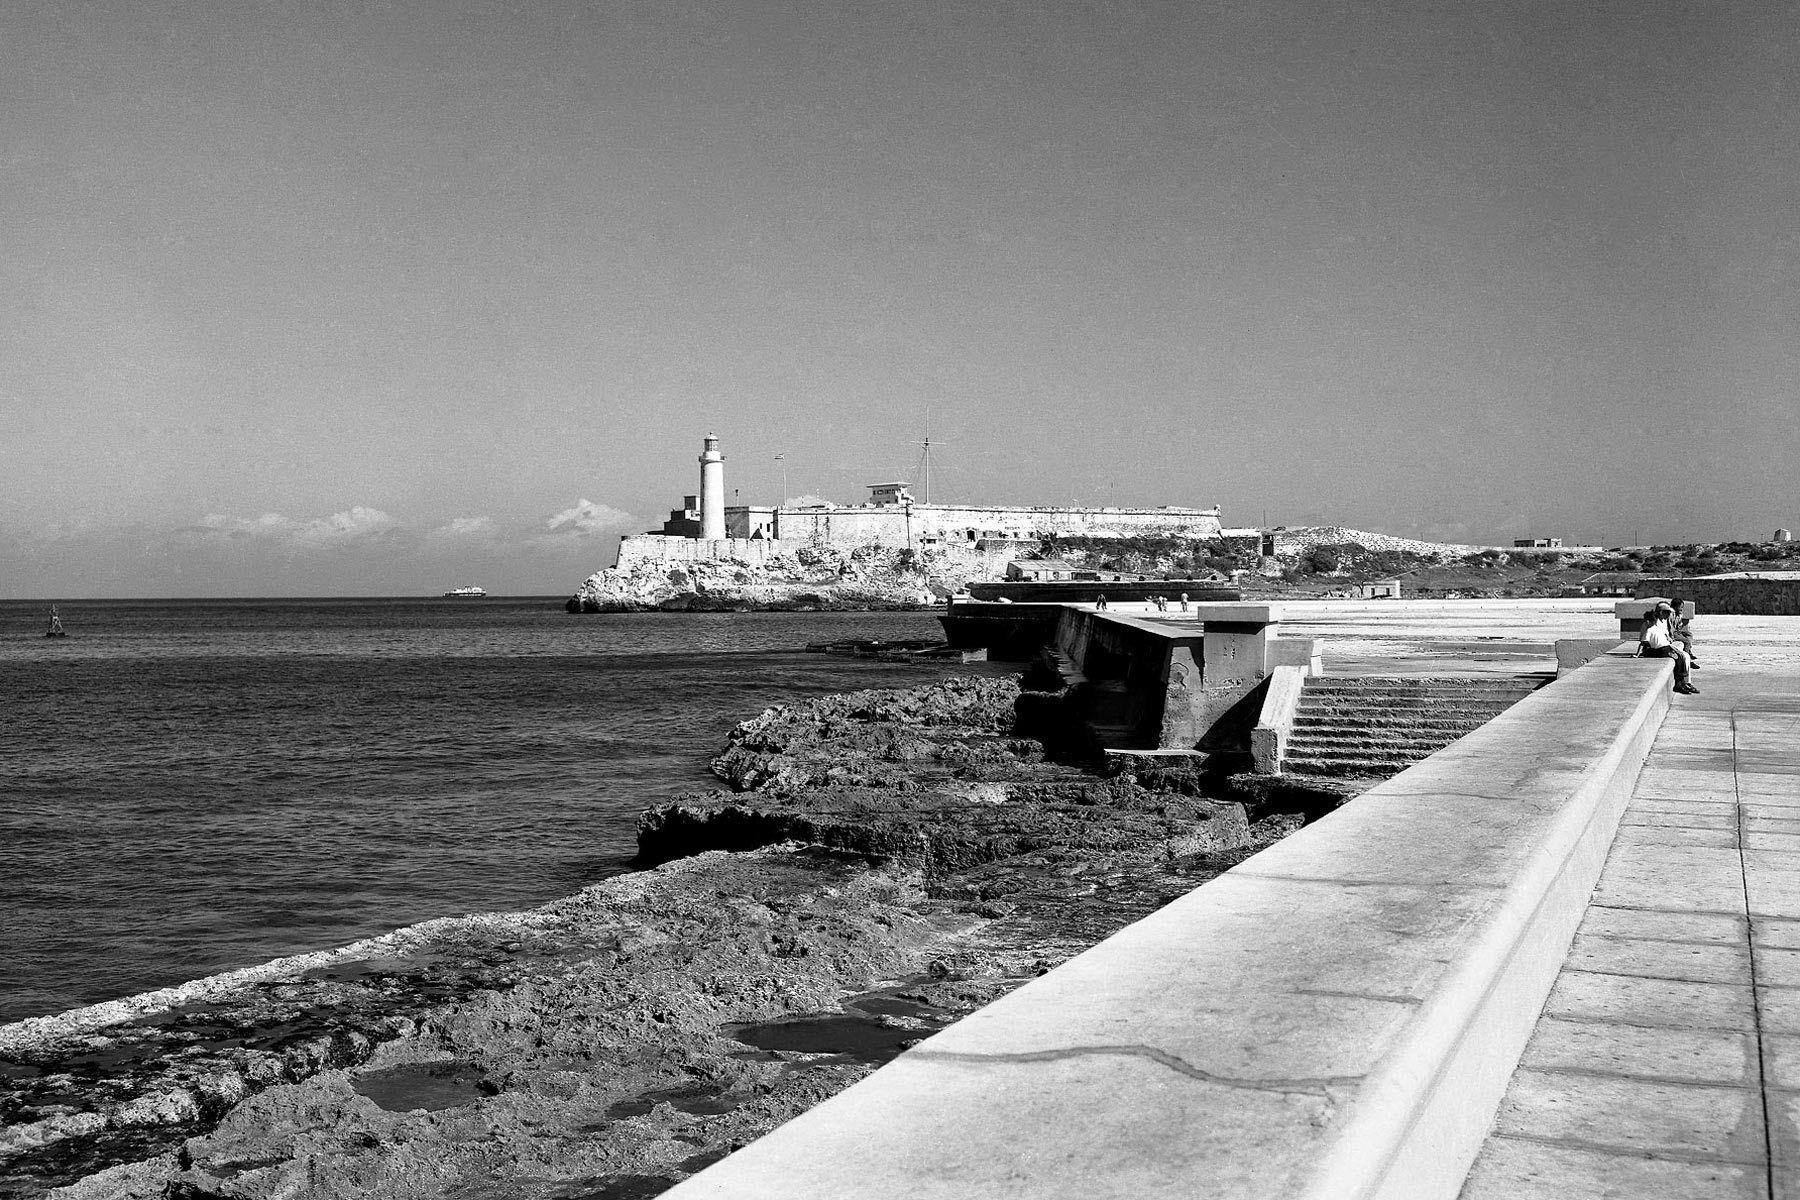 El Malecon Boardwalk 1953